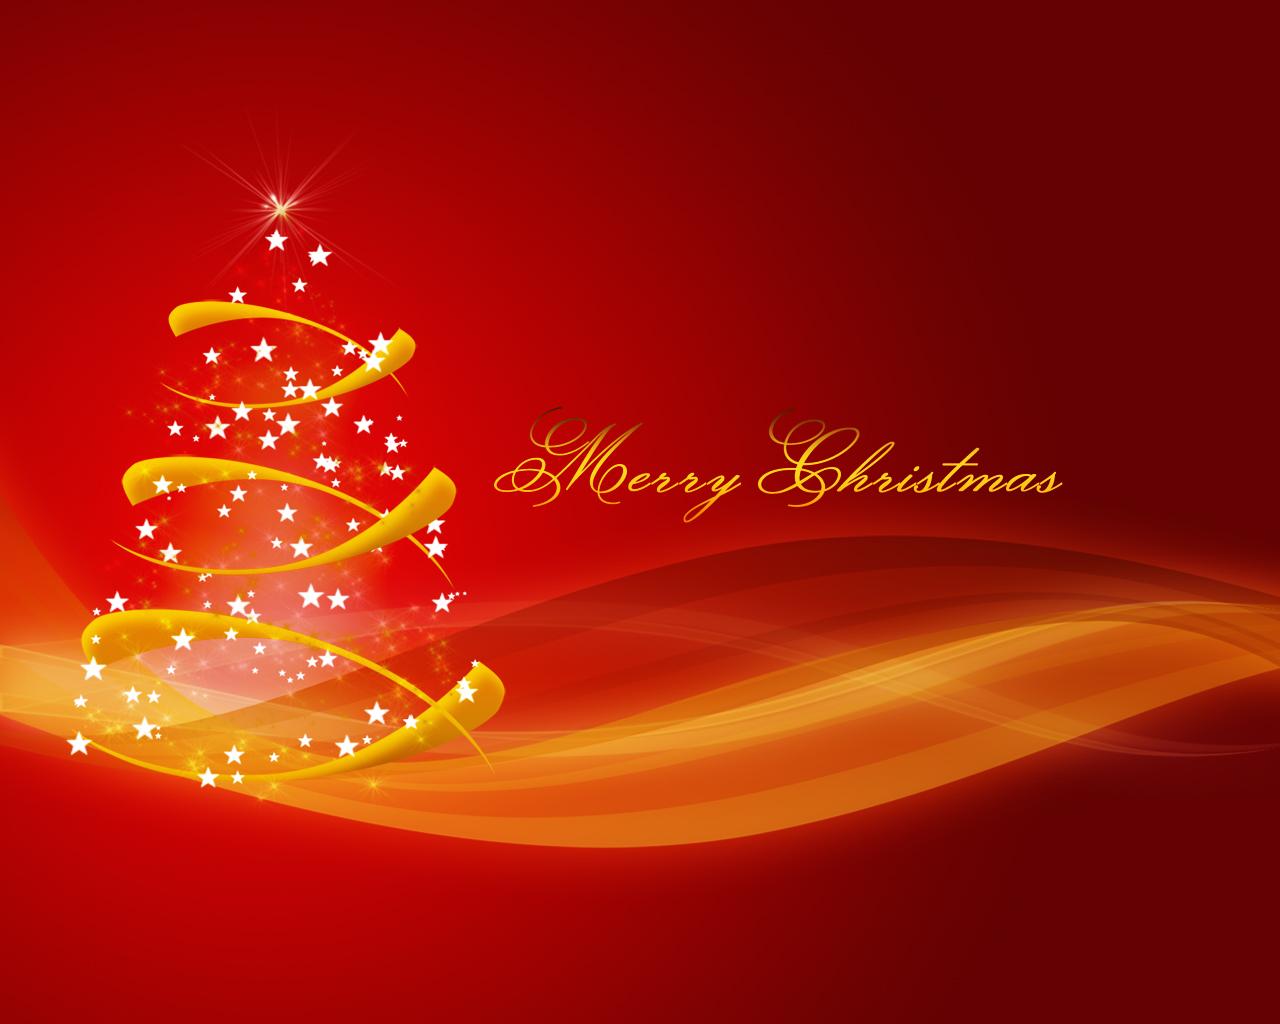 http://2.bp.blogspot.com/-0P7bn8mBnZ0/UJNG--L8qXI/AAAAAAAAC-I/Vlg_ZF0qD5U/s1600/Wallpaper+merry+christmas.jpg